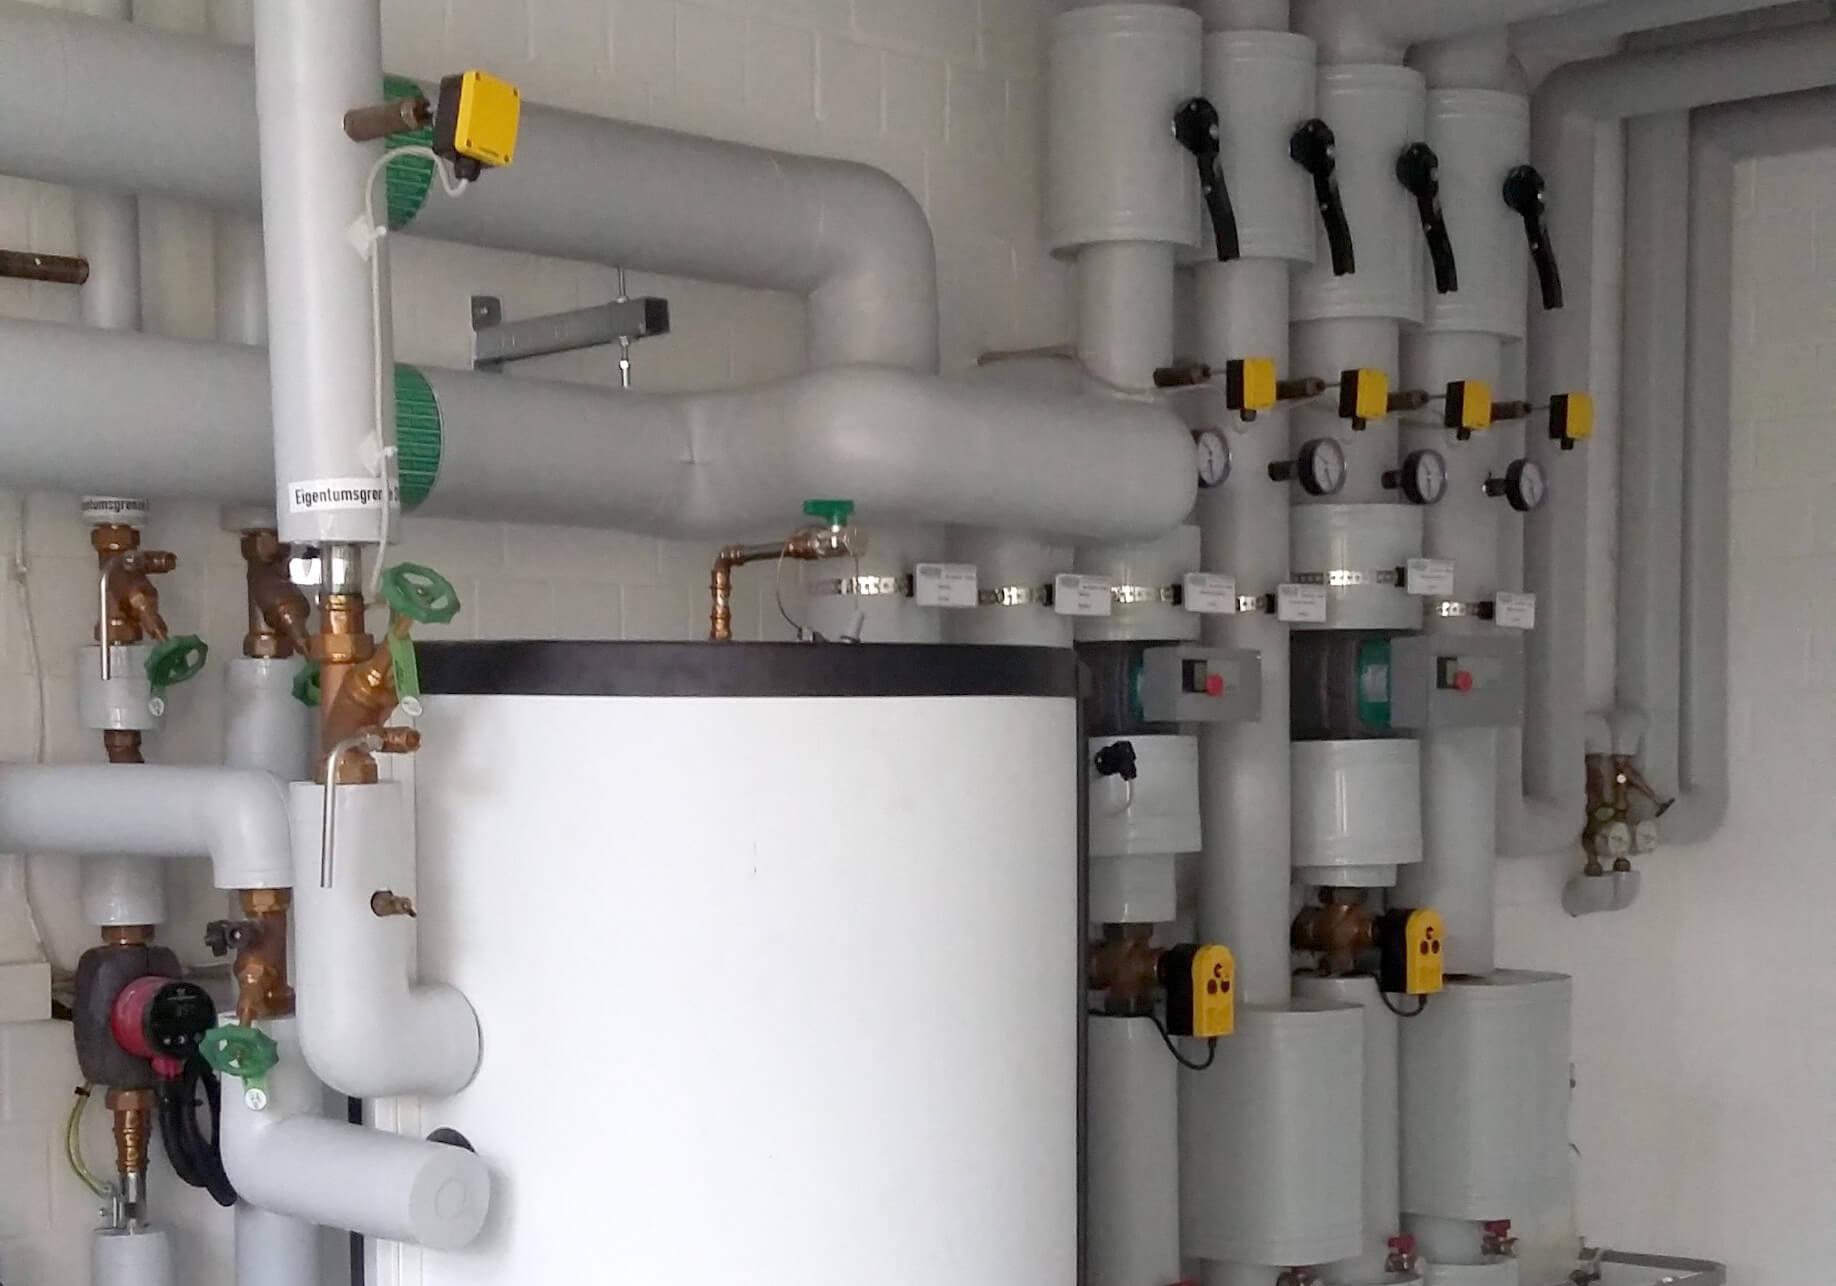 Planung der Erneuerung einer Heizungs-Verteilstation im Technologiezentrum in Warnemünde